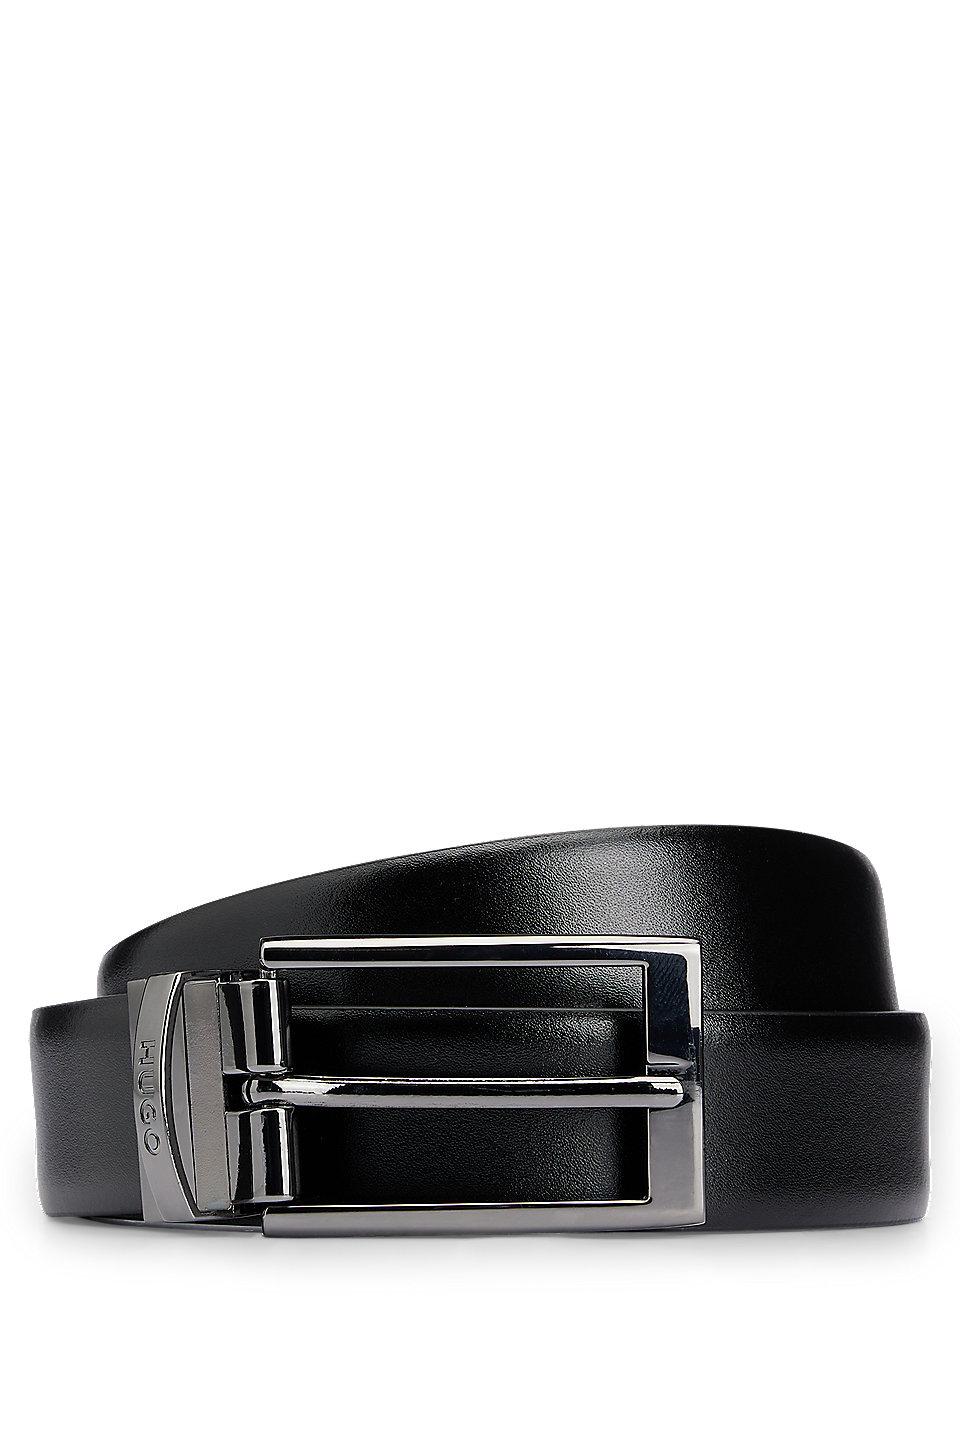 494c6fac641 HUGO - Cinturón reversible de piel lisa con herraje de metal pesado